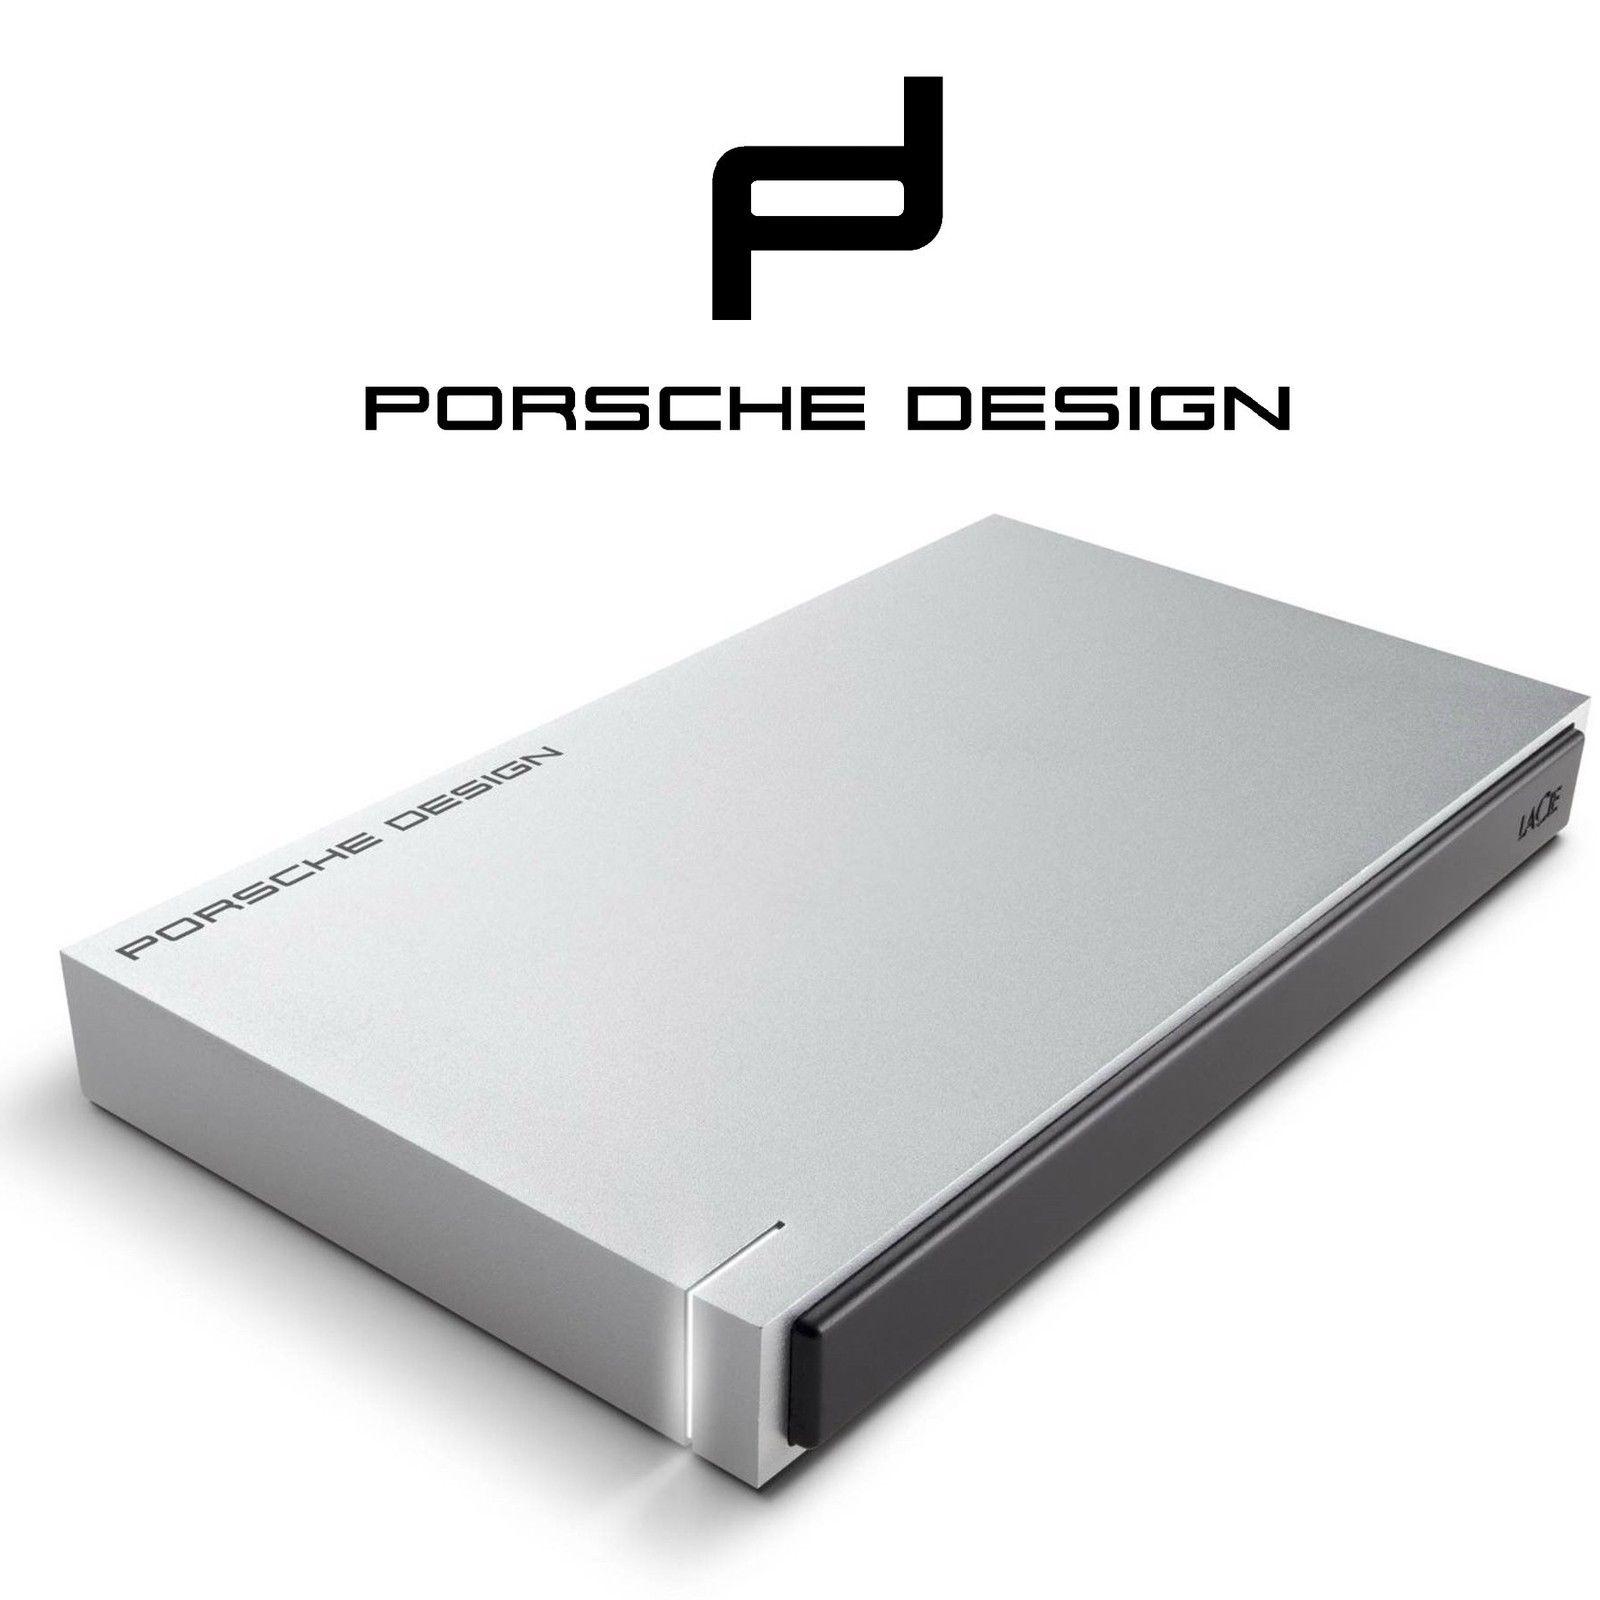 lacie porsche design festplatte 1000gb 1tb externe 2 5. Black Bedroom Furniture Sets. Home Design Ideas